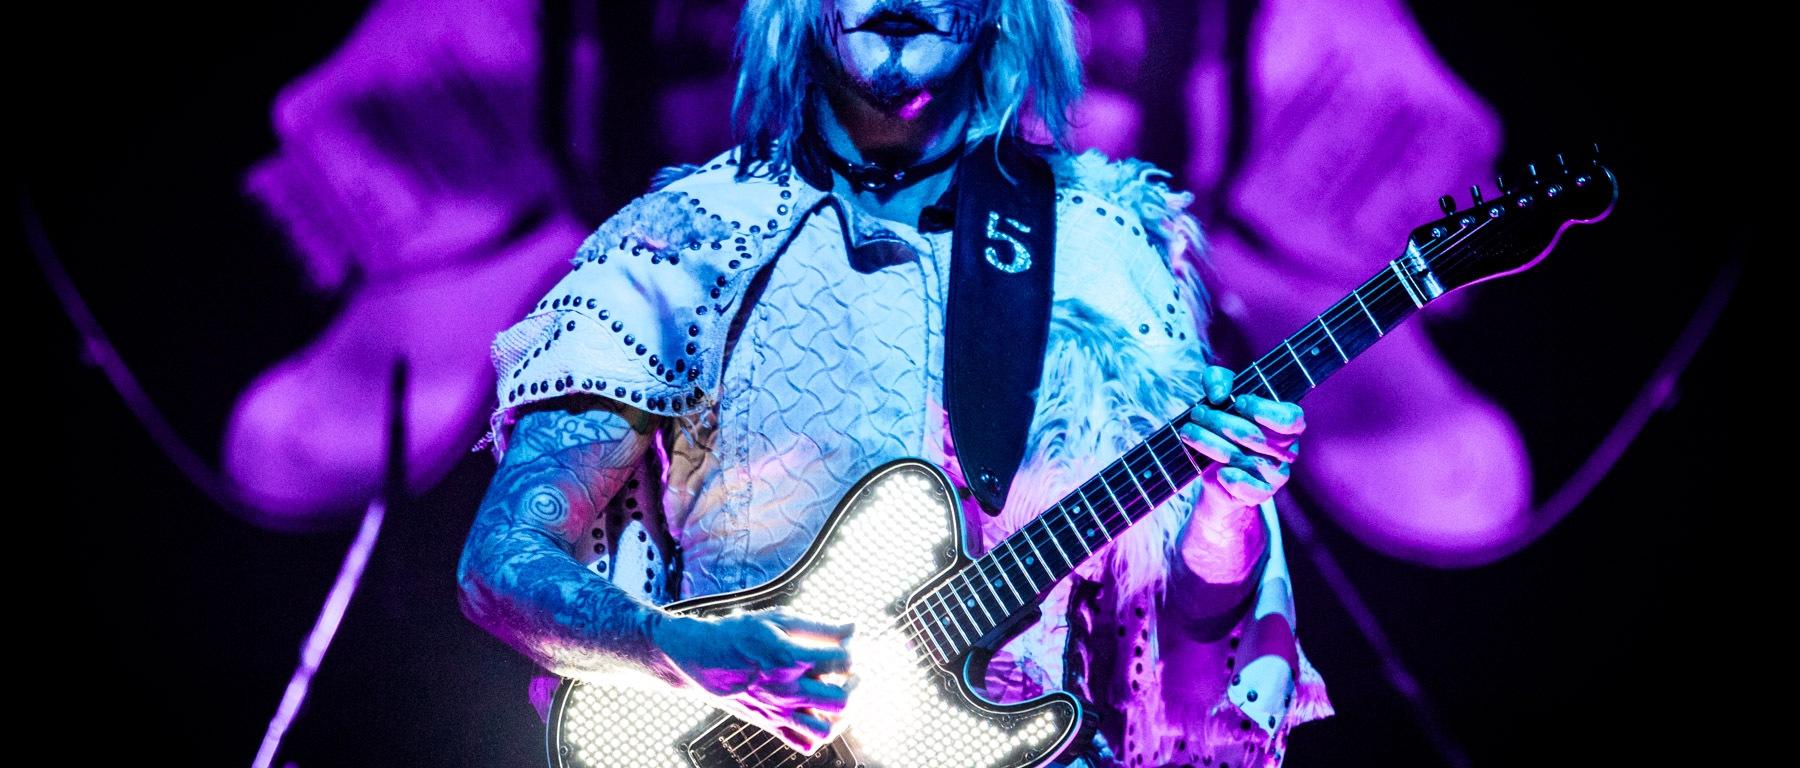 John 5 fostul chitarist Marilyn Manson spune că a fost şocat la aflarea veştii morţii lui EVH